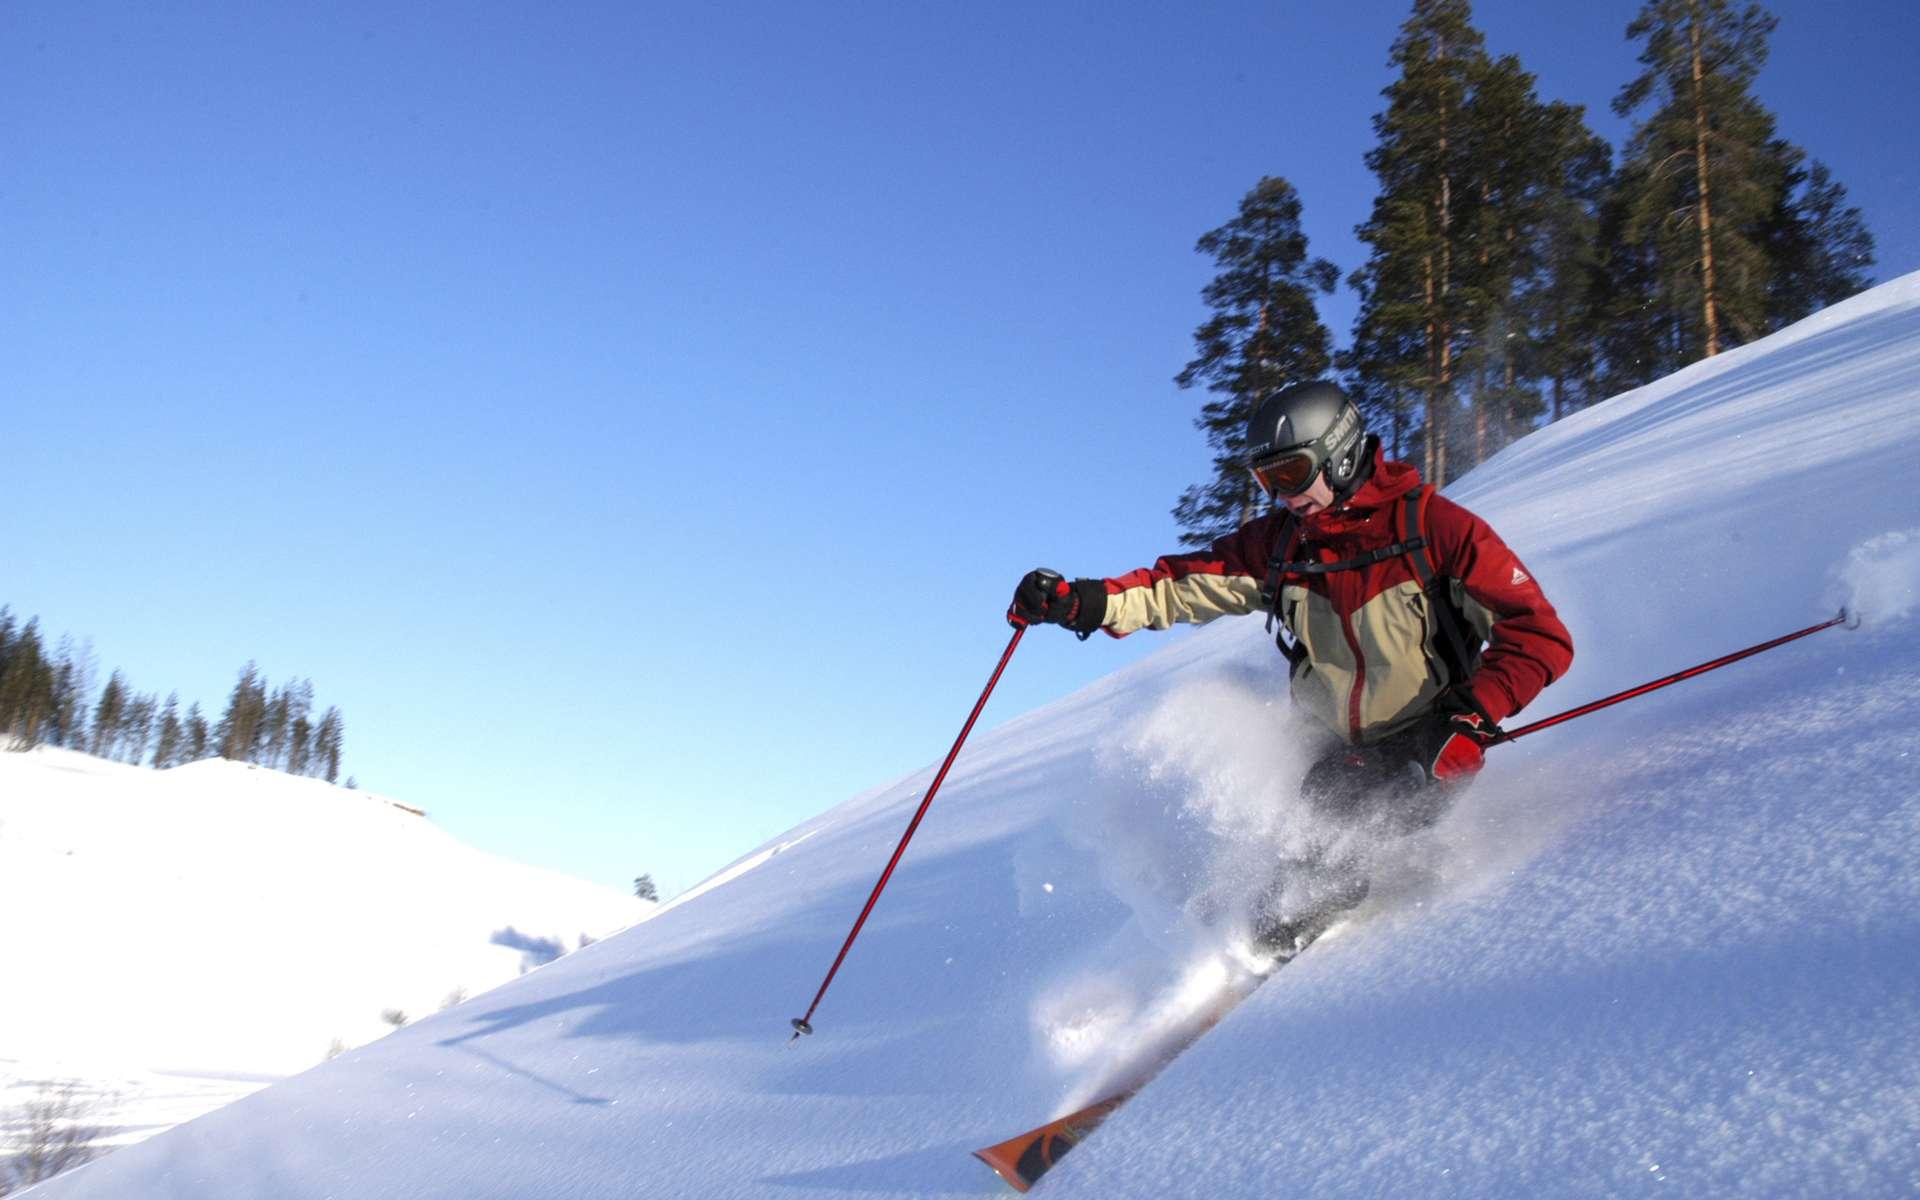 Les skis profitent des performances des matériaux composites à matrice organique. © Visit Finland, Flickr, CC by-nc 2.0